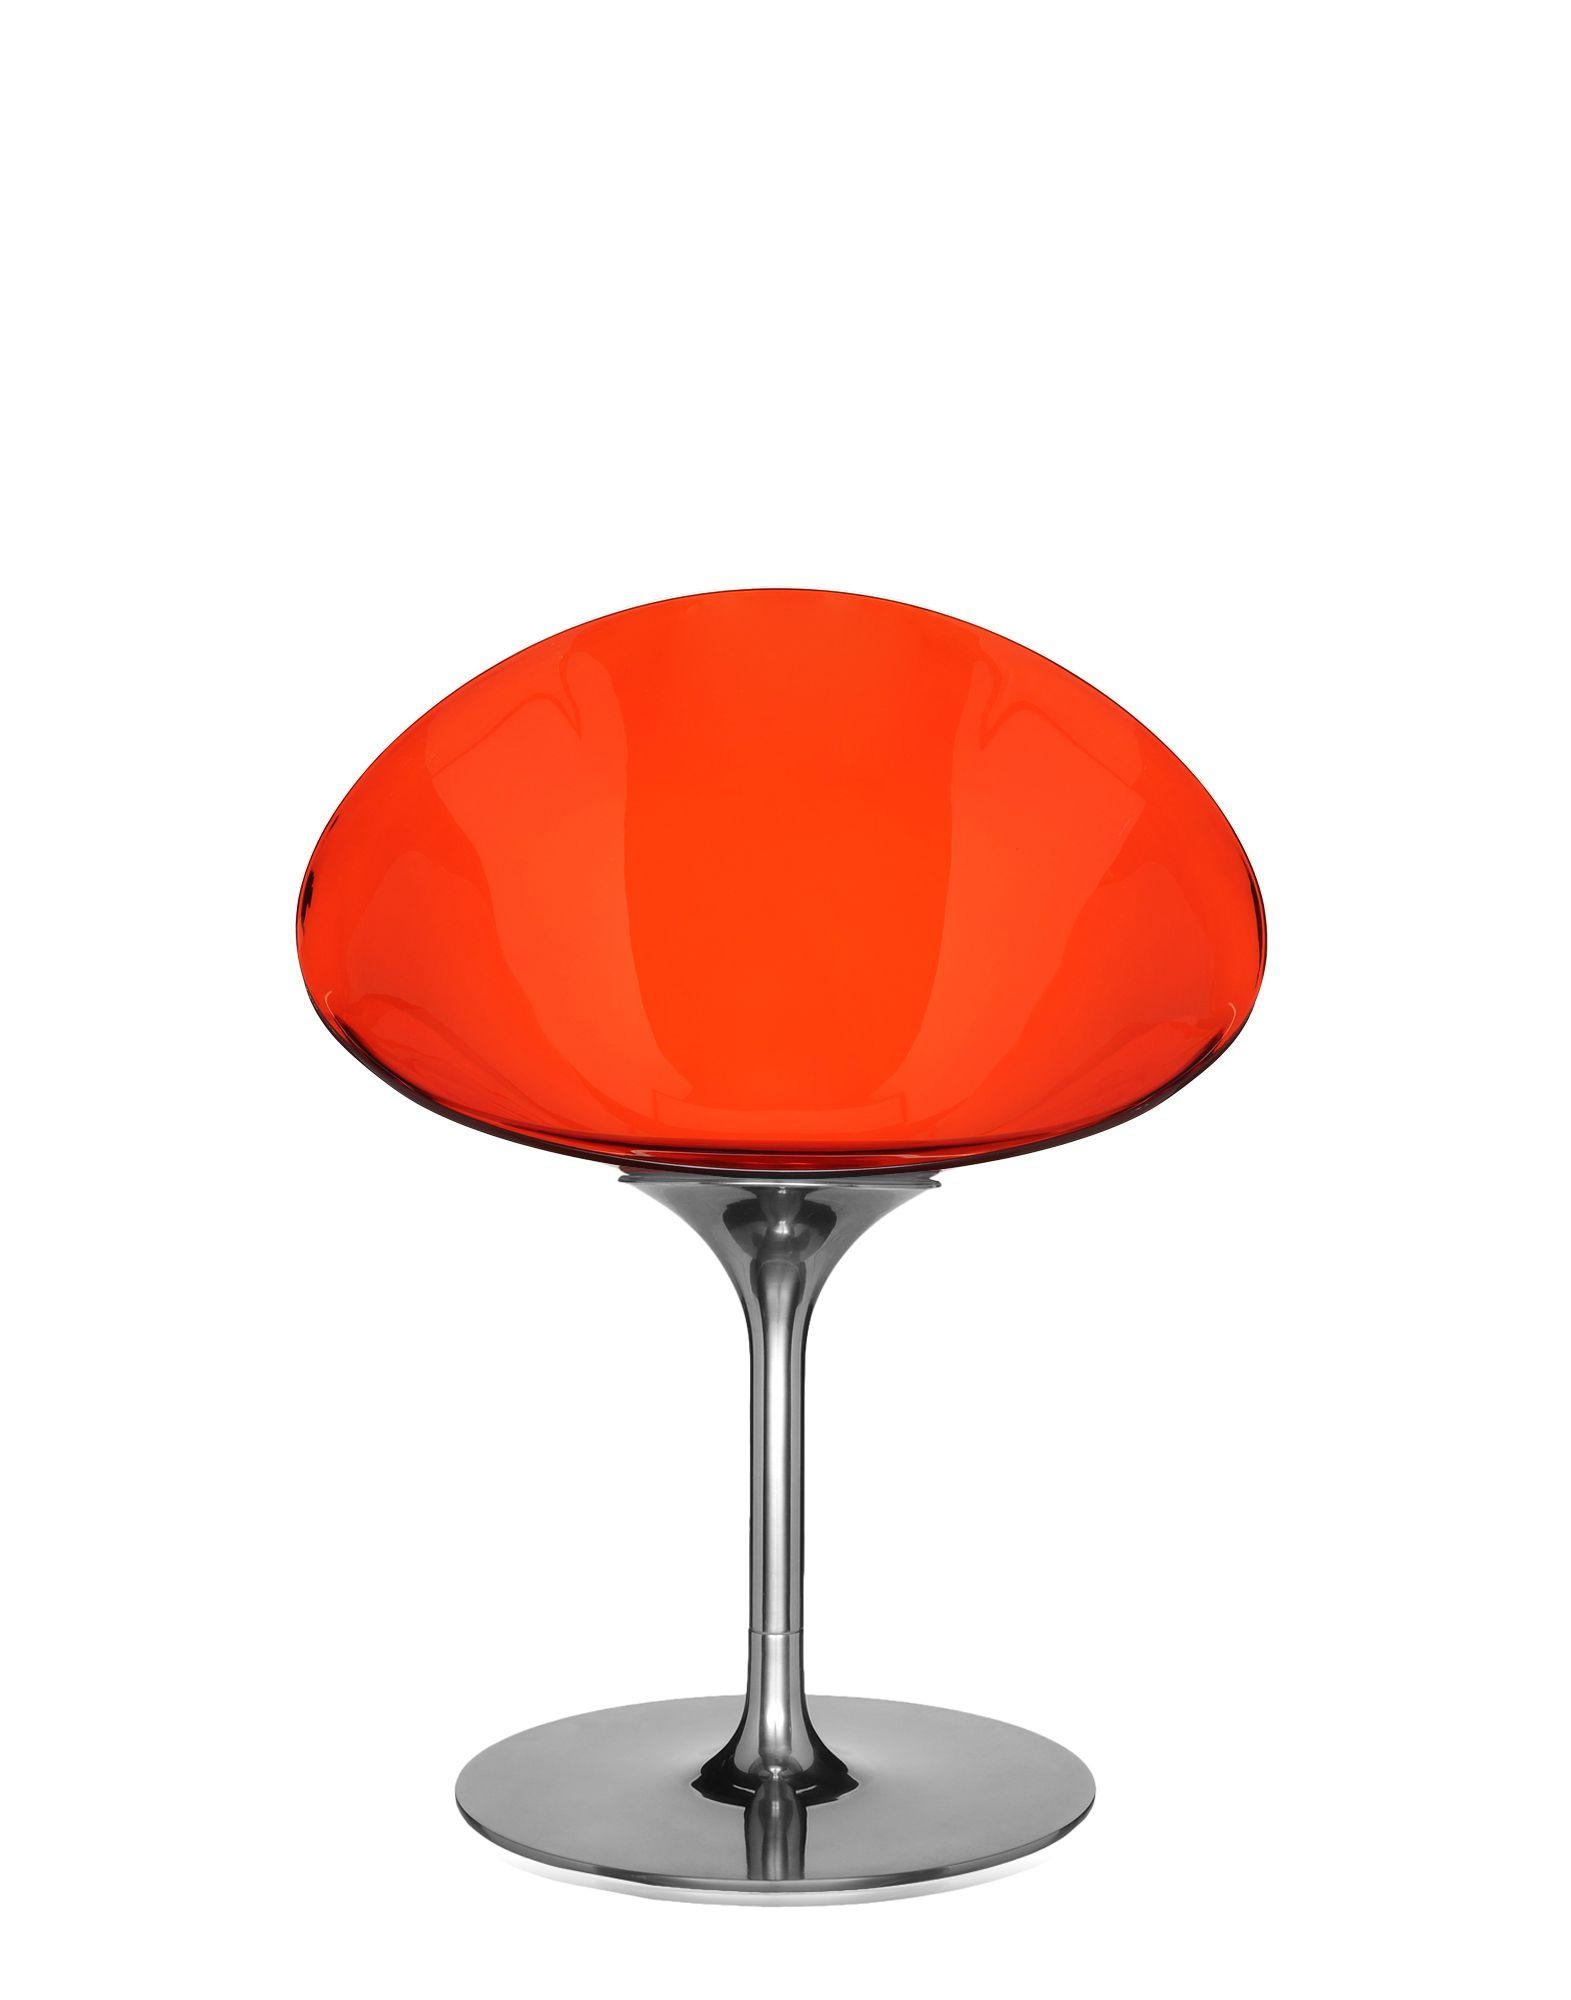 Kartell ero s rosso aranciato sedie design newformsdesign for Sedie plastica design kartell